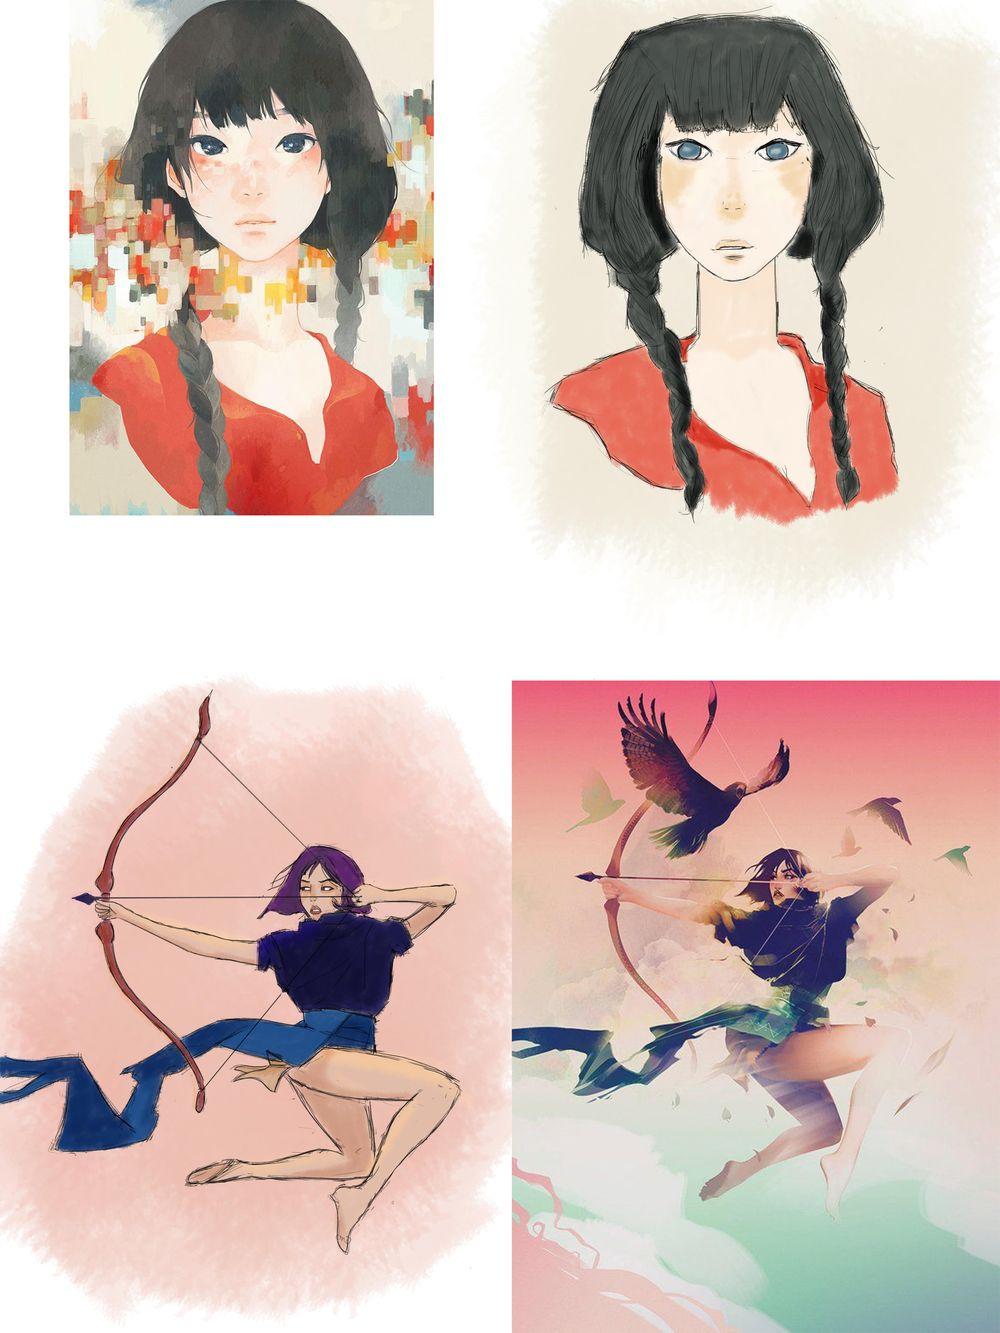 Kyoko Yoshii - Protagonist - image 2 - student project